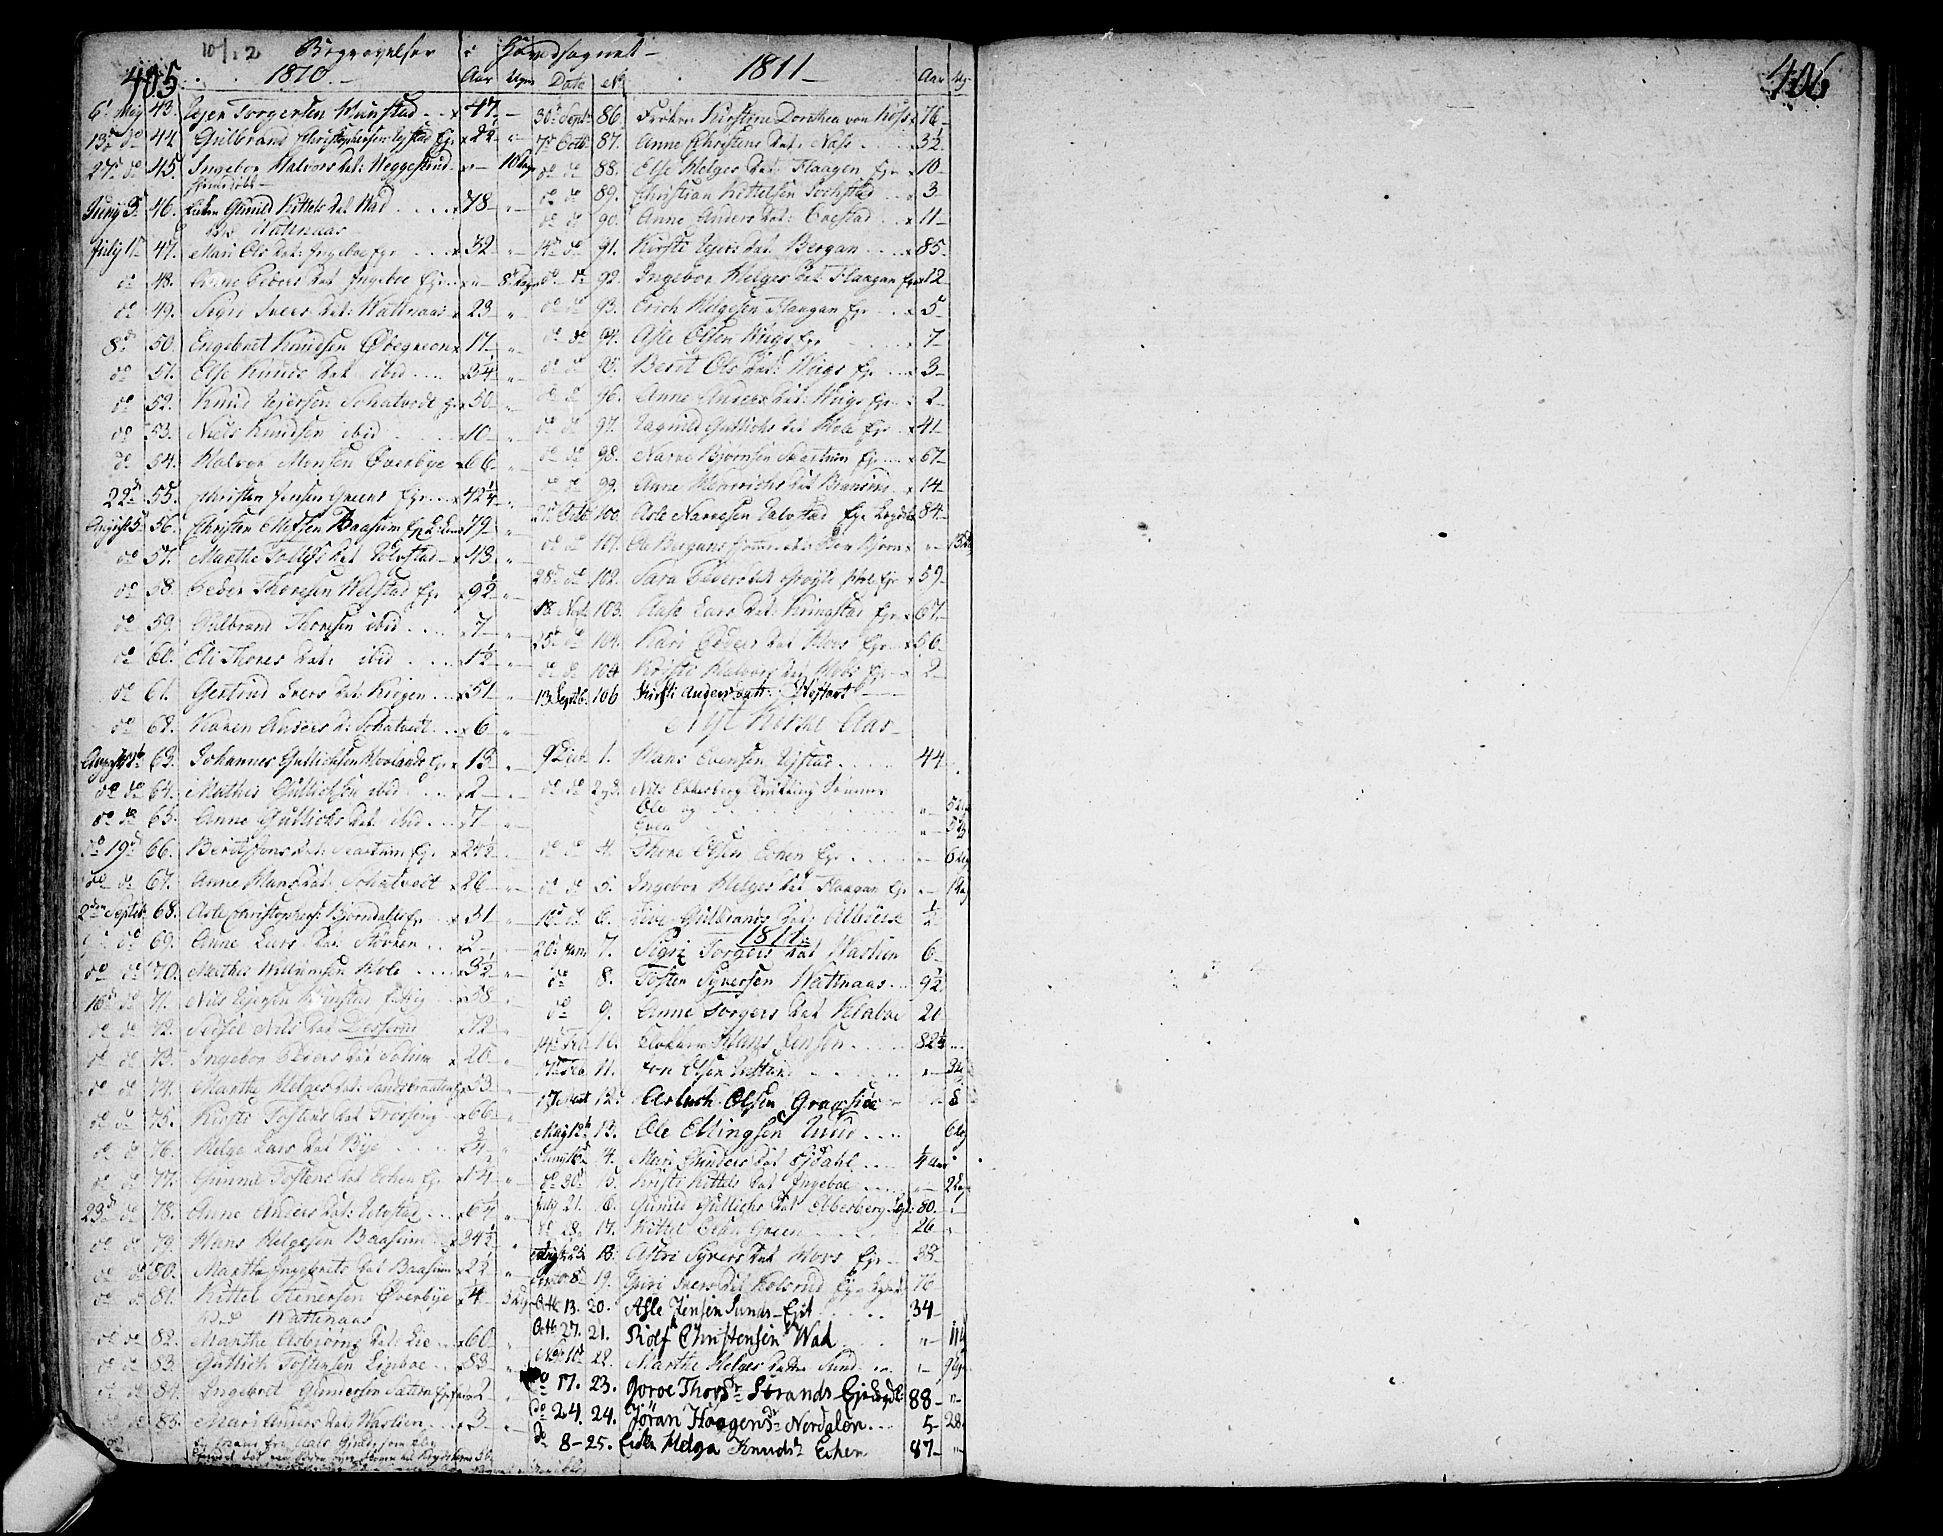 SAKO, Sigdal kirkebøker, F/Fa/L0003: Ministerialbok nr. I 3, 1793-1811, s. 405-406